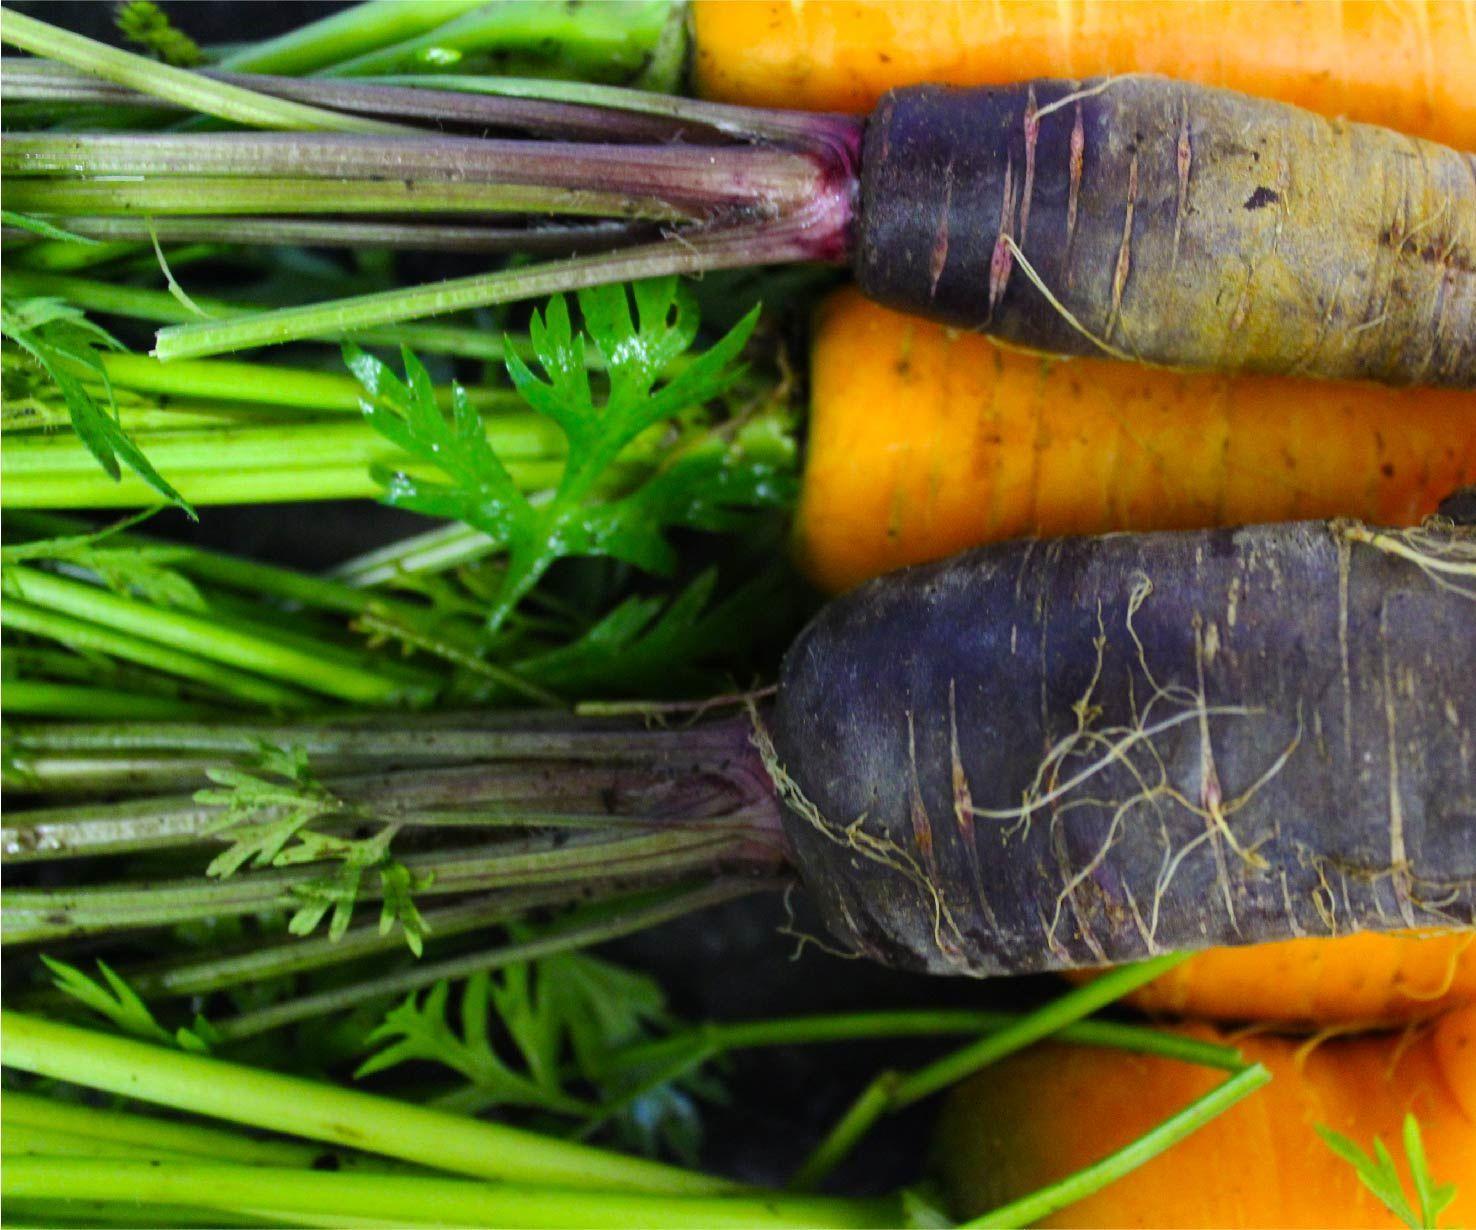 Tout Est Bon Dans La Carotte (Everything's Good in the Carrot)